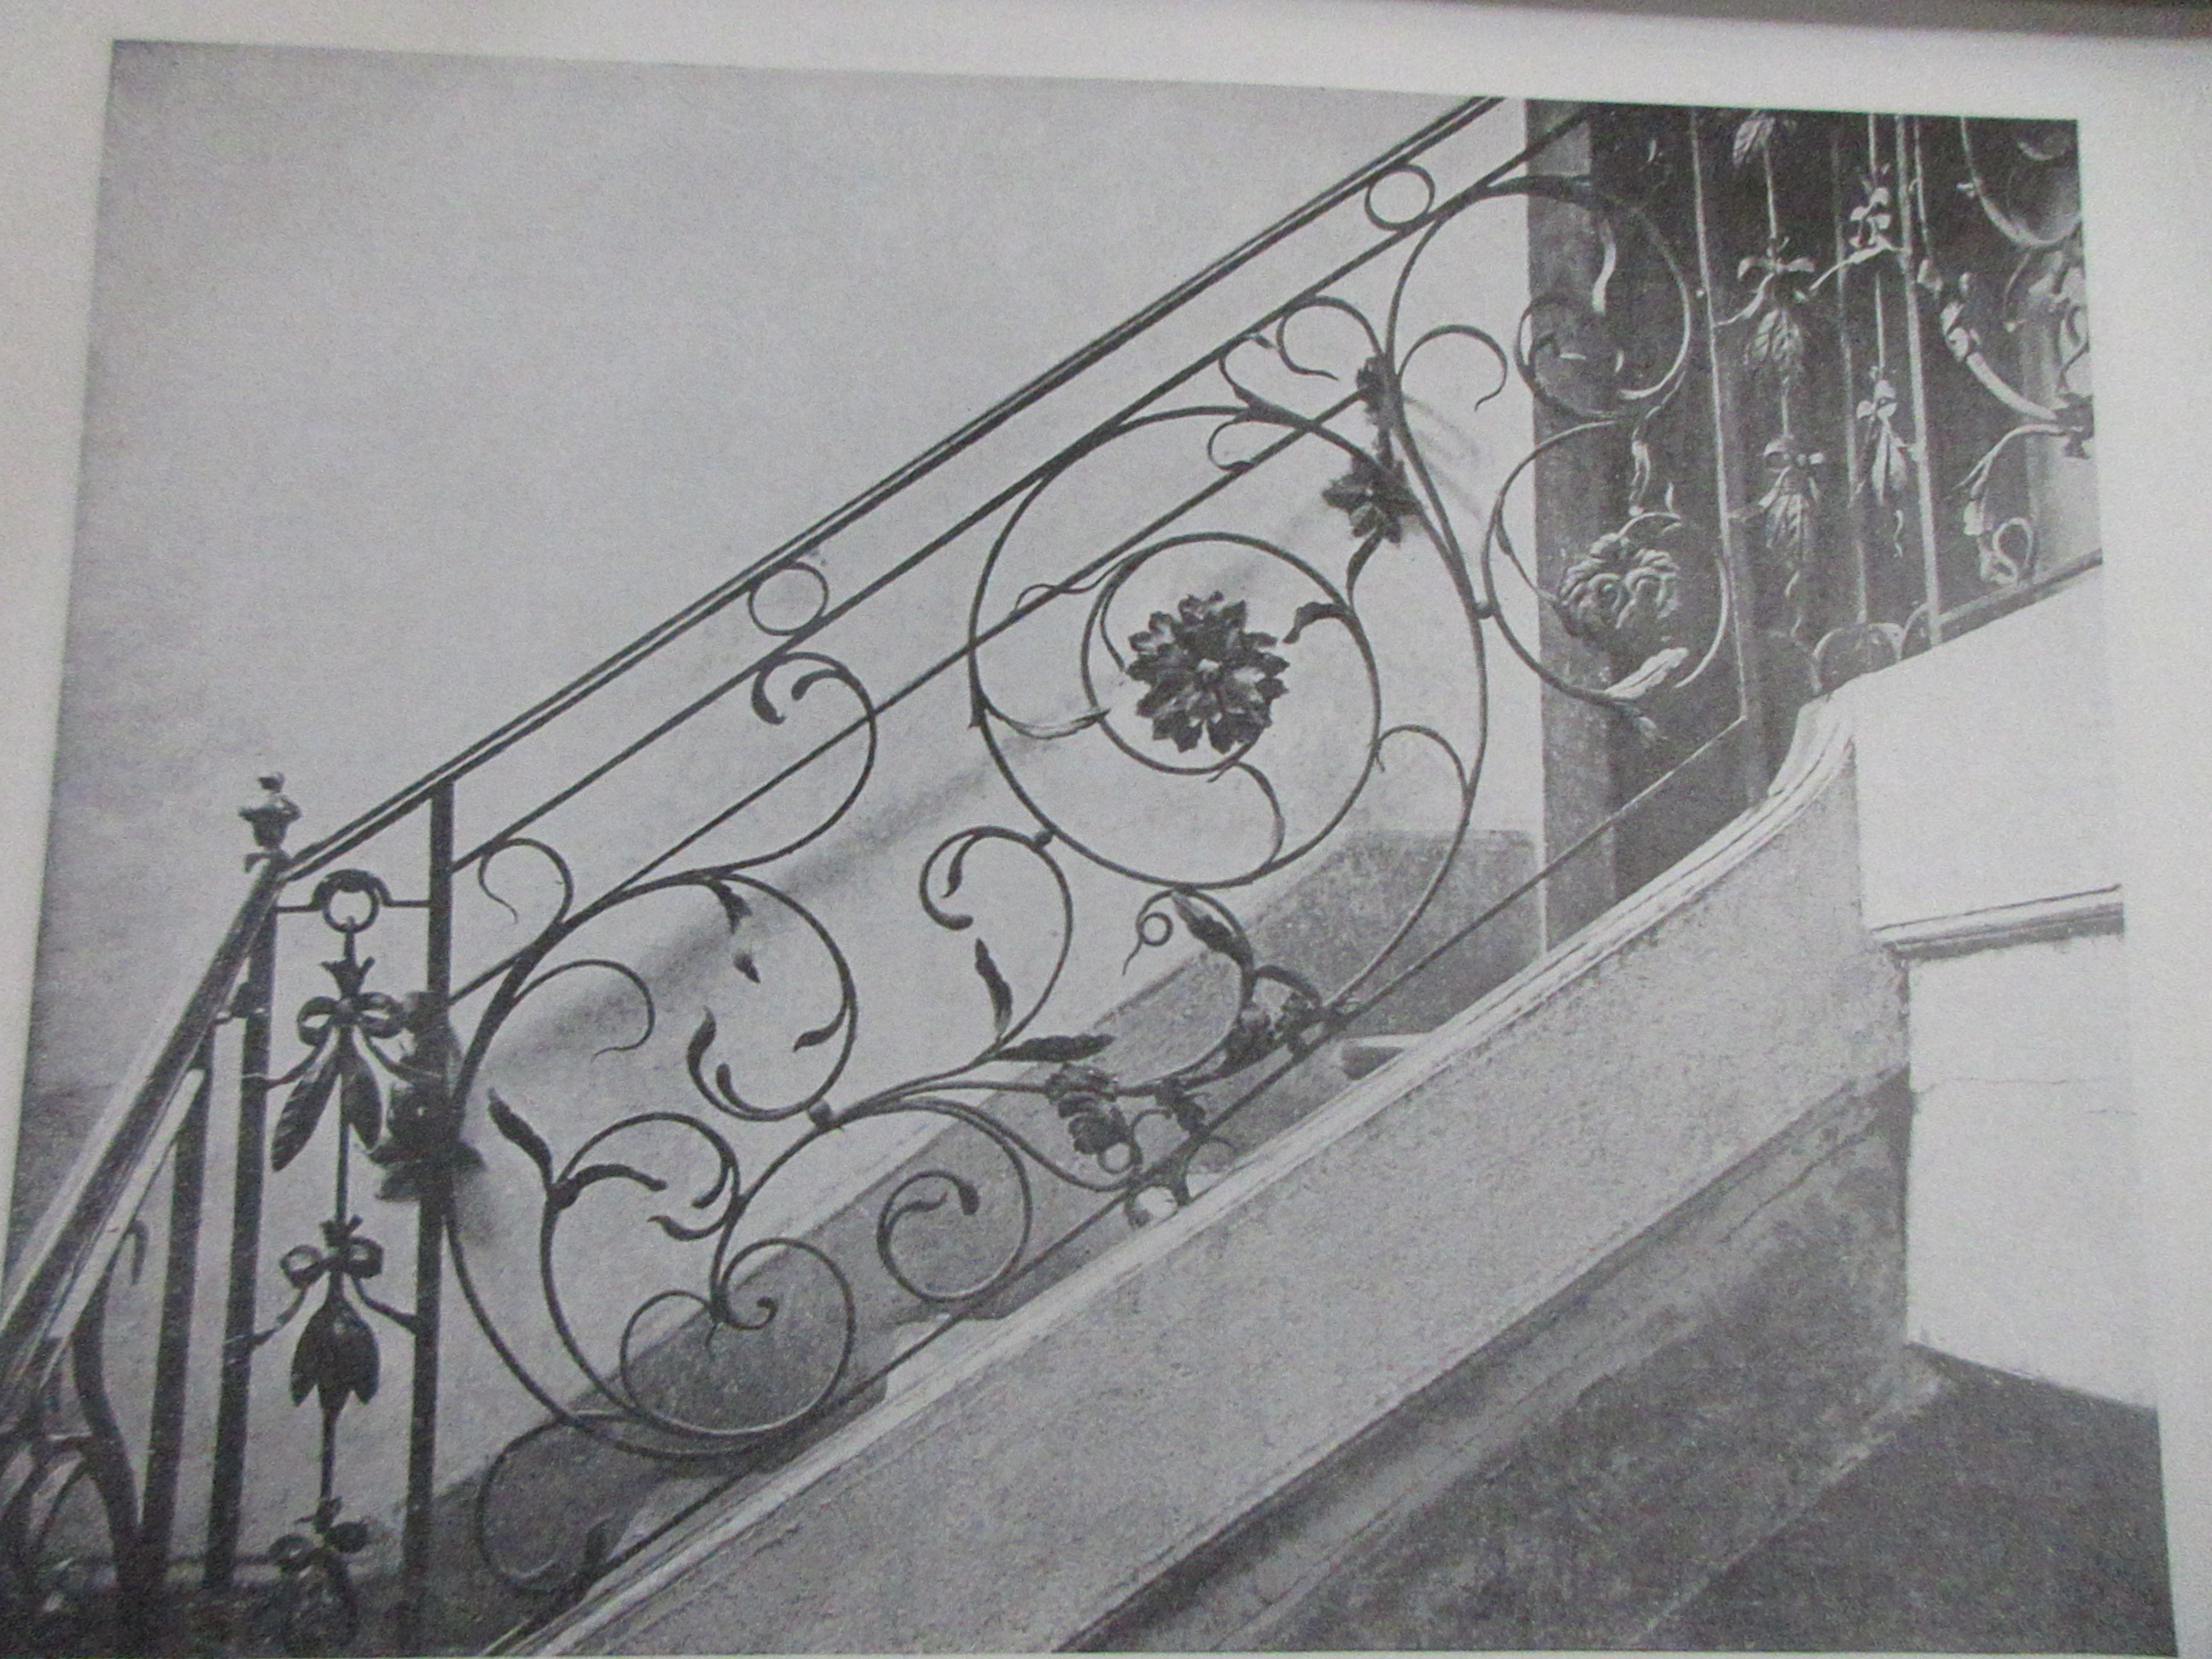 Hench 19 Century Wrought Iron Stair Railing Wrought Iron   Wrought Iron Stair Railing   Italian   Front Porch   French   Mediterranean   Design